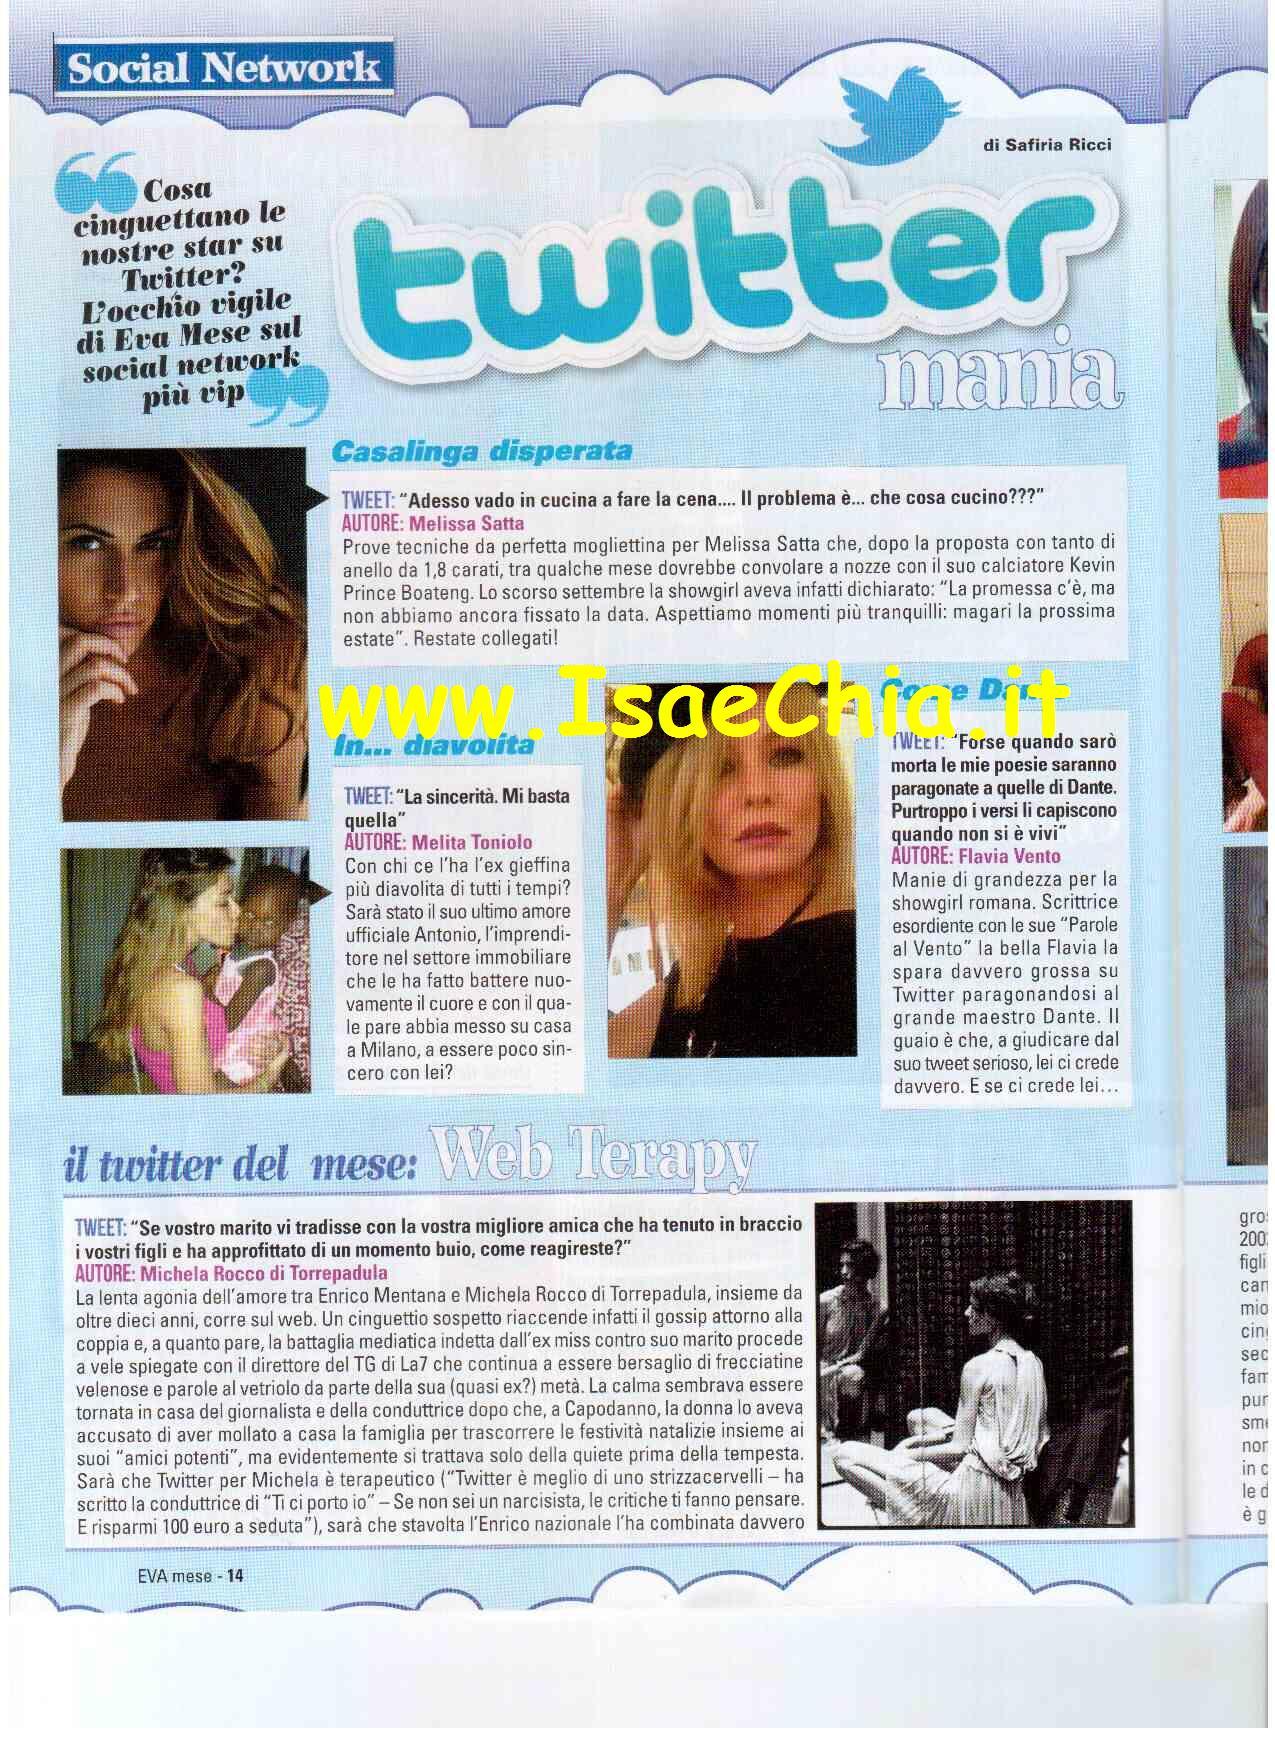 Twitter Mania - Flavia Vento come Dante, Alessia Marcuzzi mammina  premurosa...